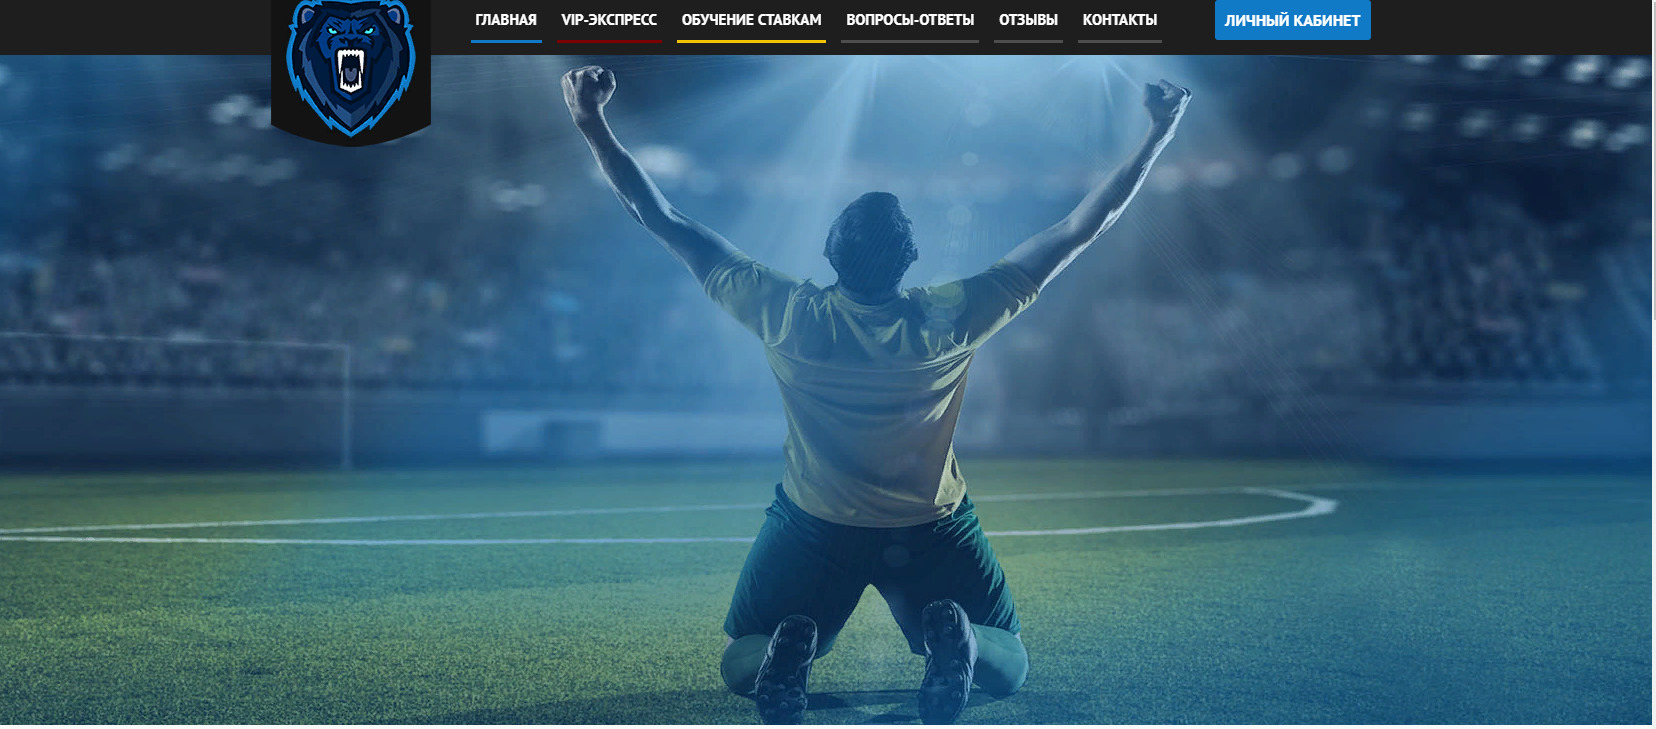 Главная страница сайта 1bigbet.ru